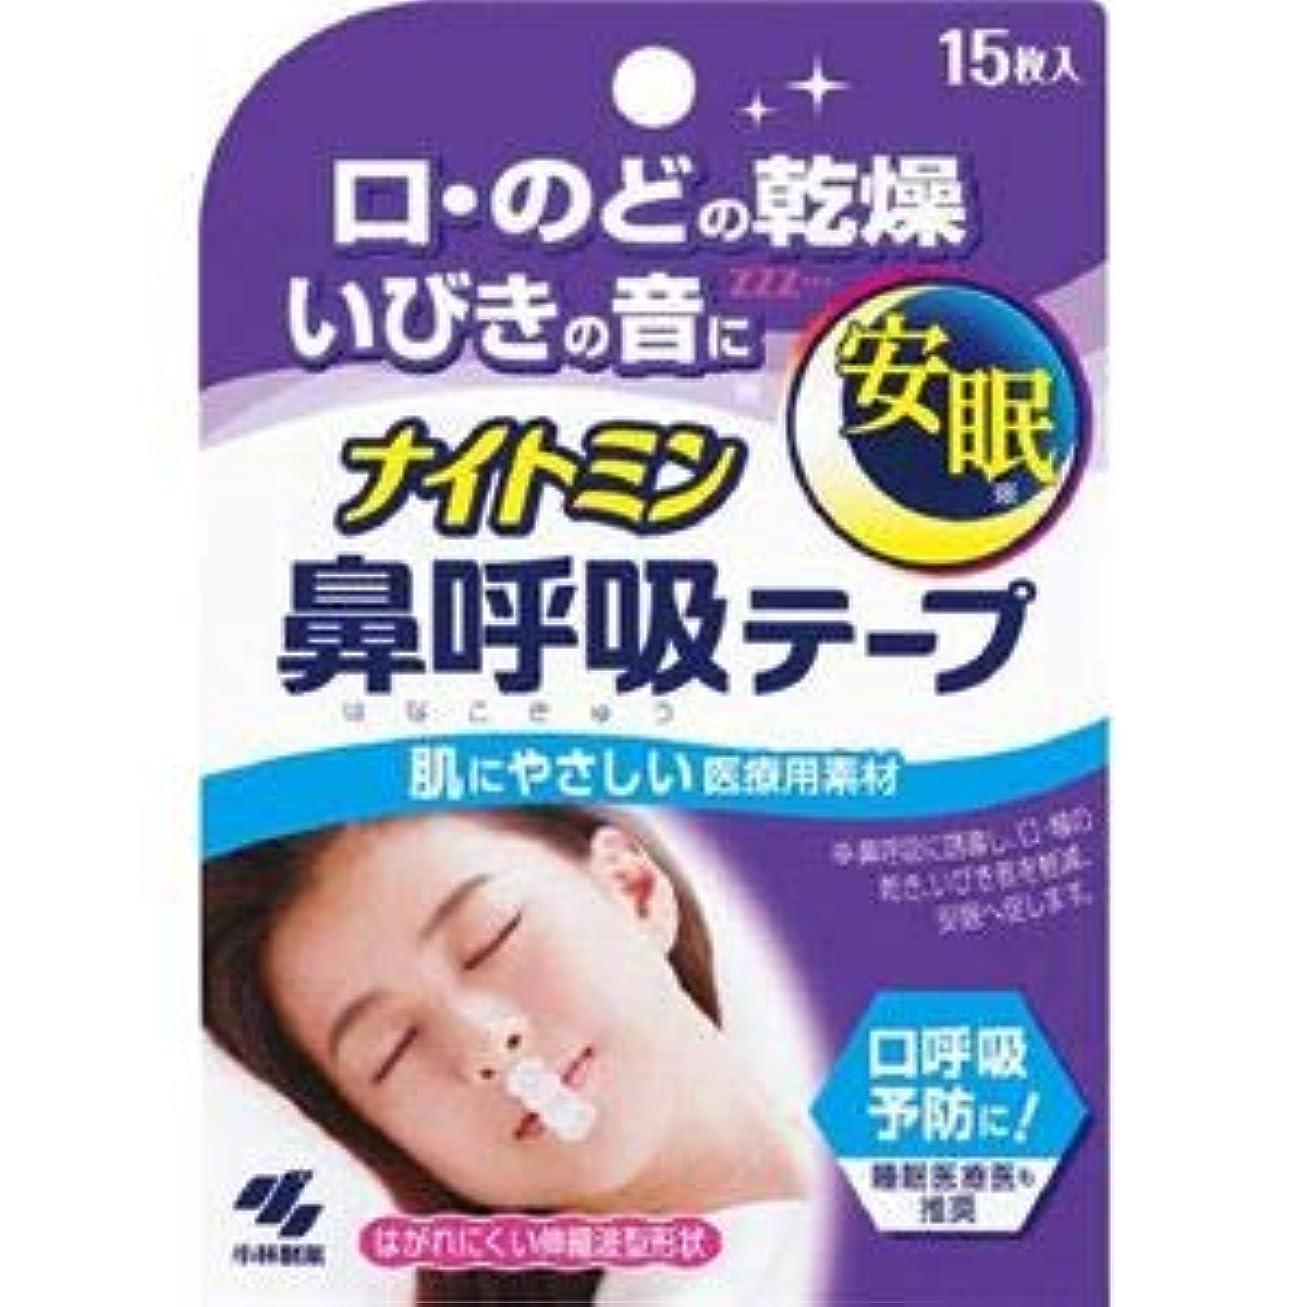 医師接続詞ちなみに(まとめ)小林製薬 ナイトミン 鼻呼吸テープ 【×3点セット】